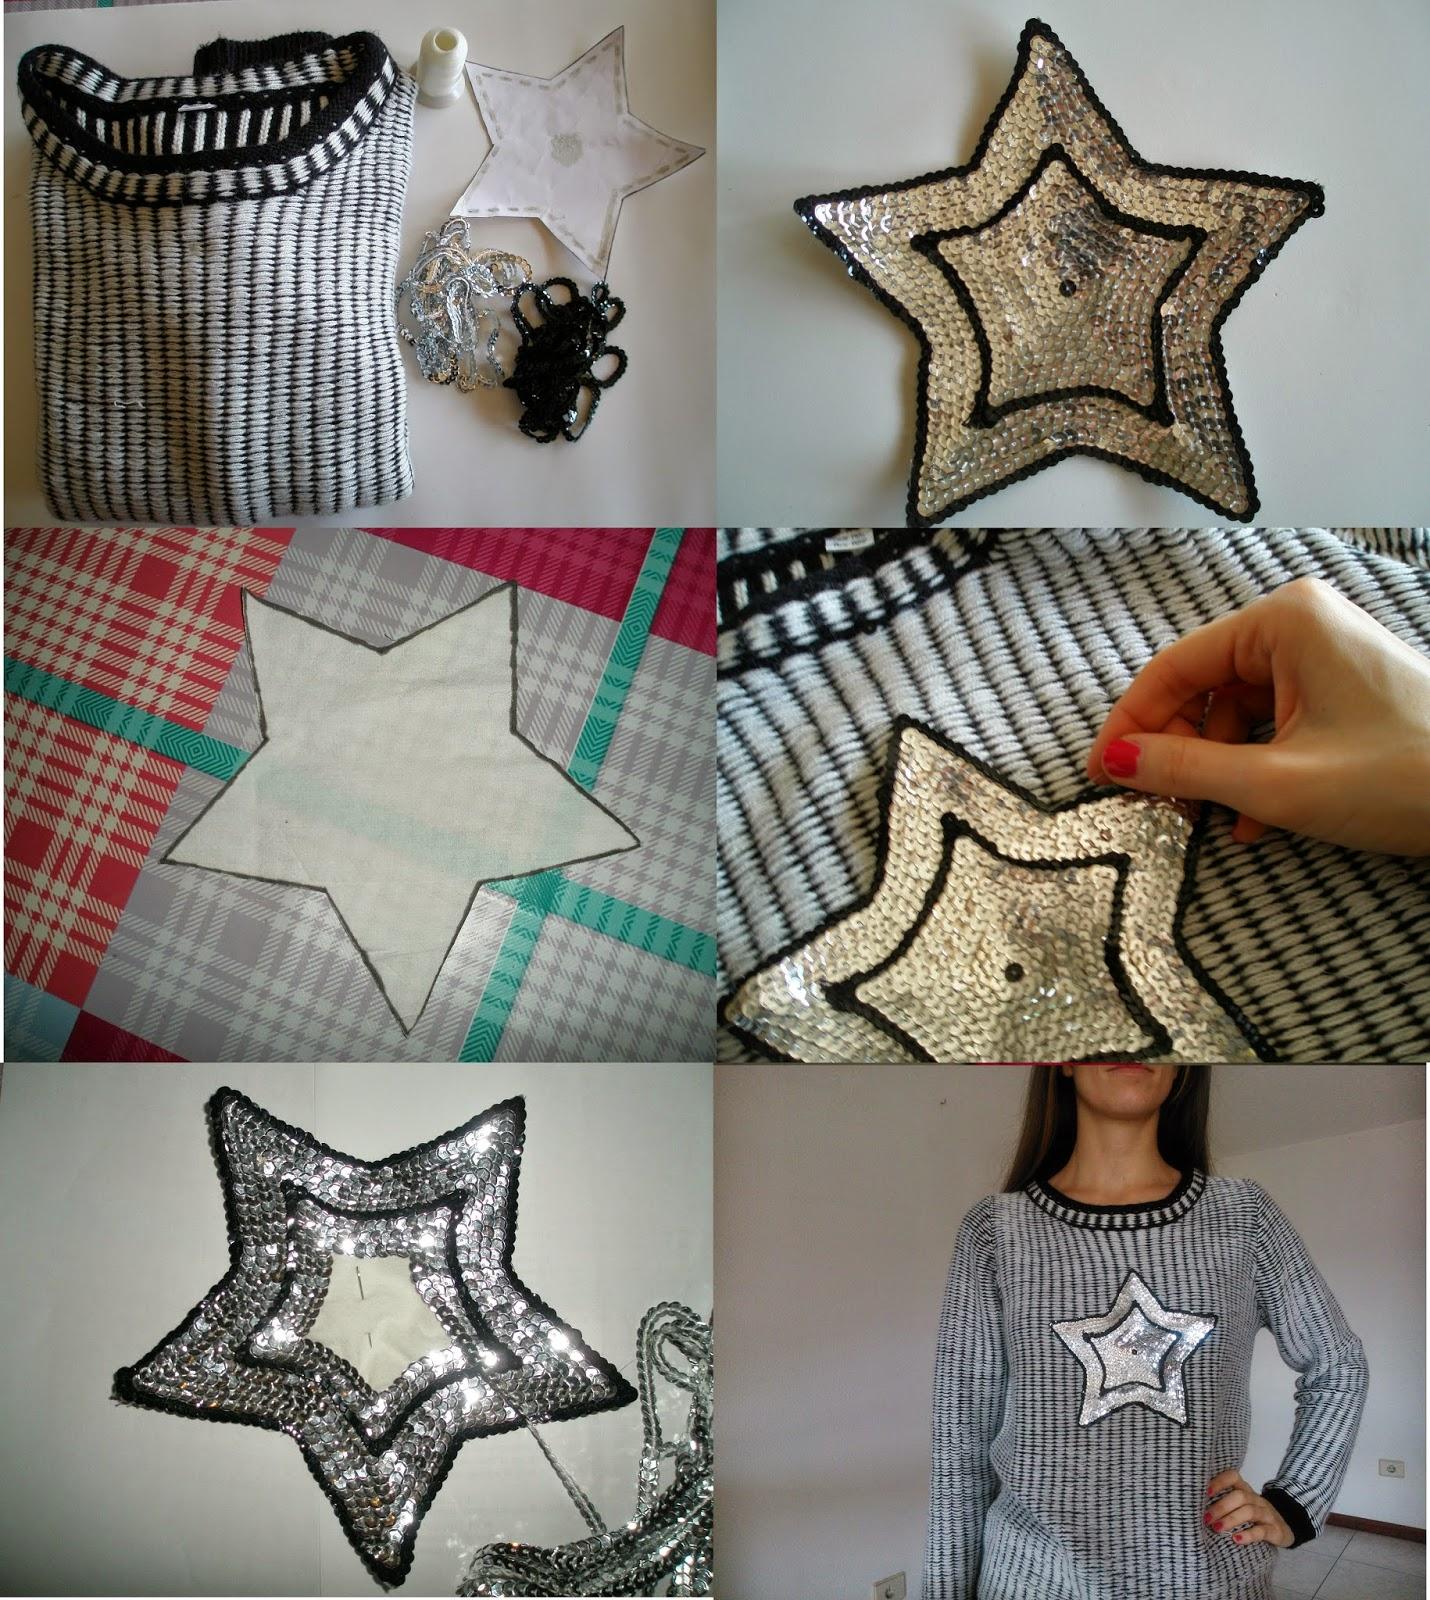 Infografia customizando jersey con lentejuelas DIY